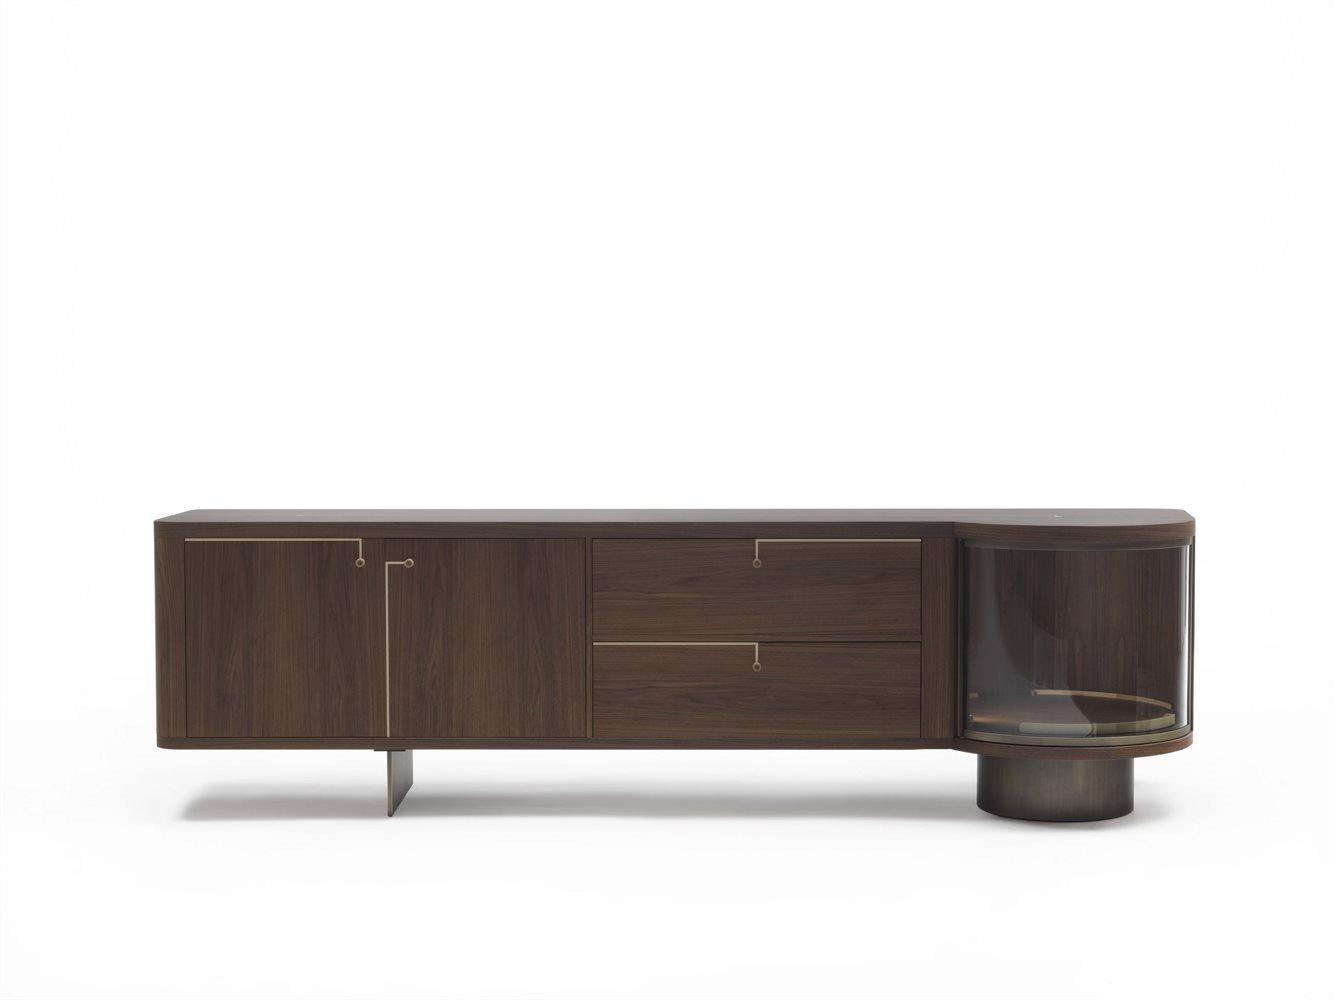 Rondo' 2 Cabinet from Porada, designed by U. Asnago